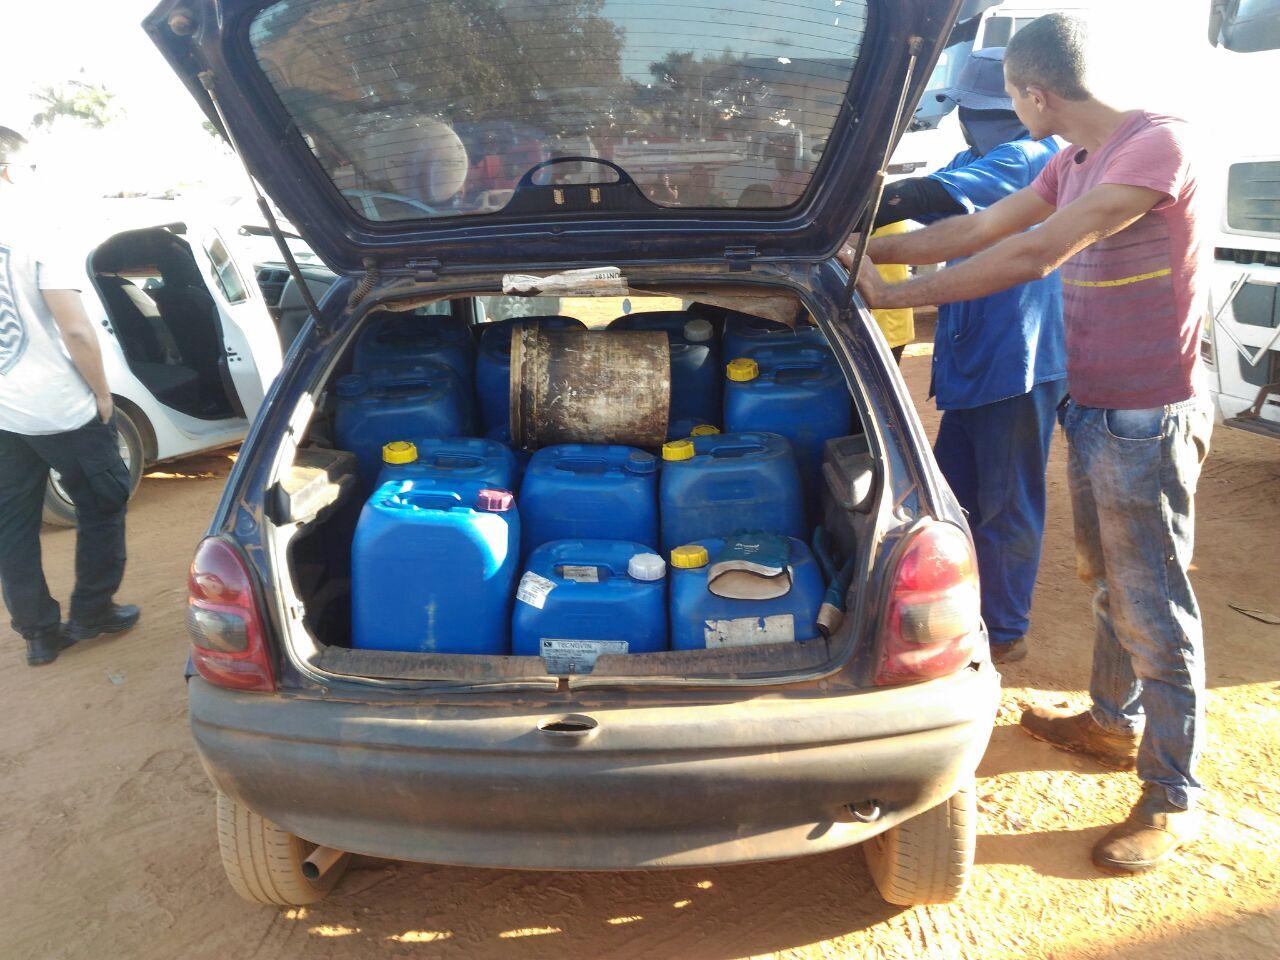 Operação Petro-Furto foi deflagrada pela Delegacia Estadual de Repressão a Roubos de cargas (Decar) | Foto: Divulgação/PC